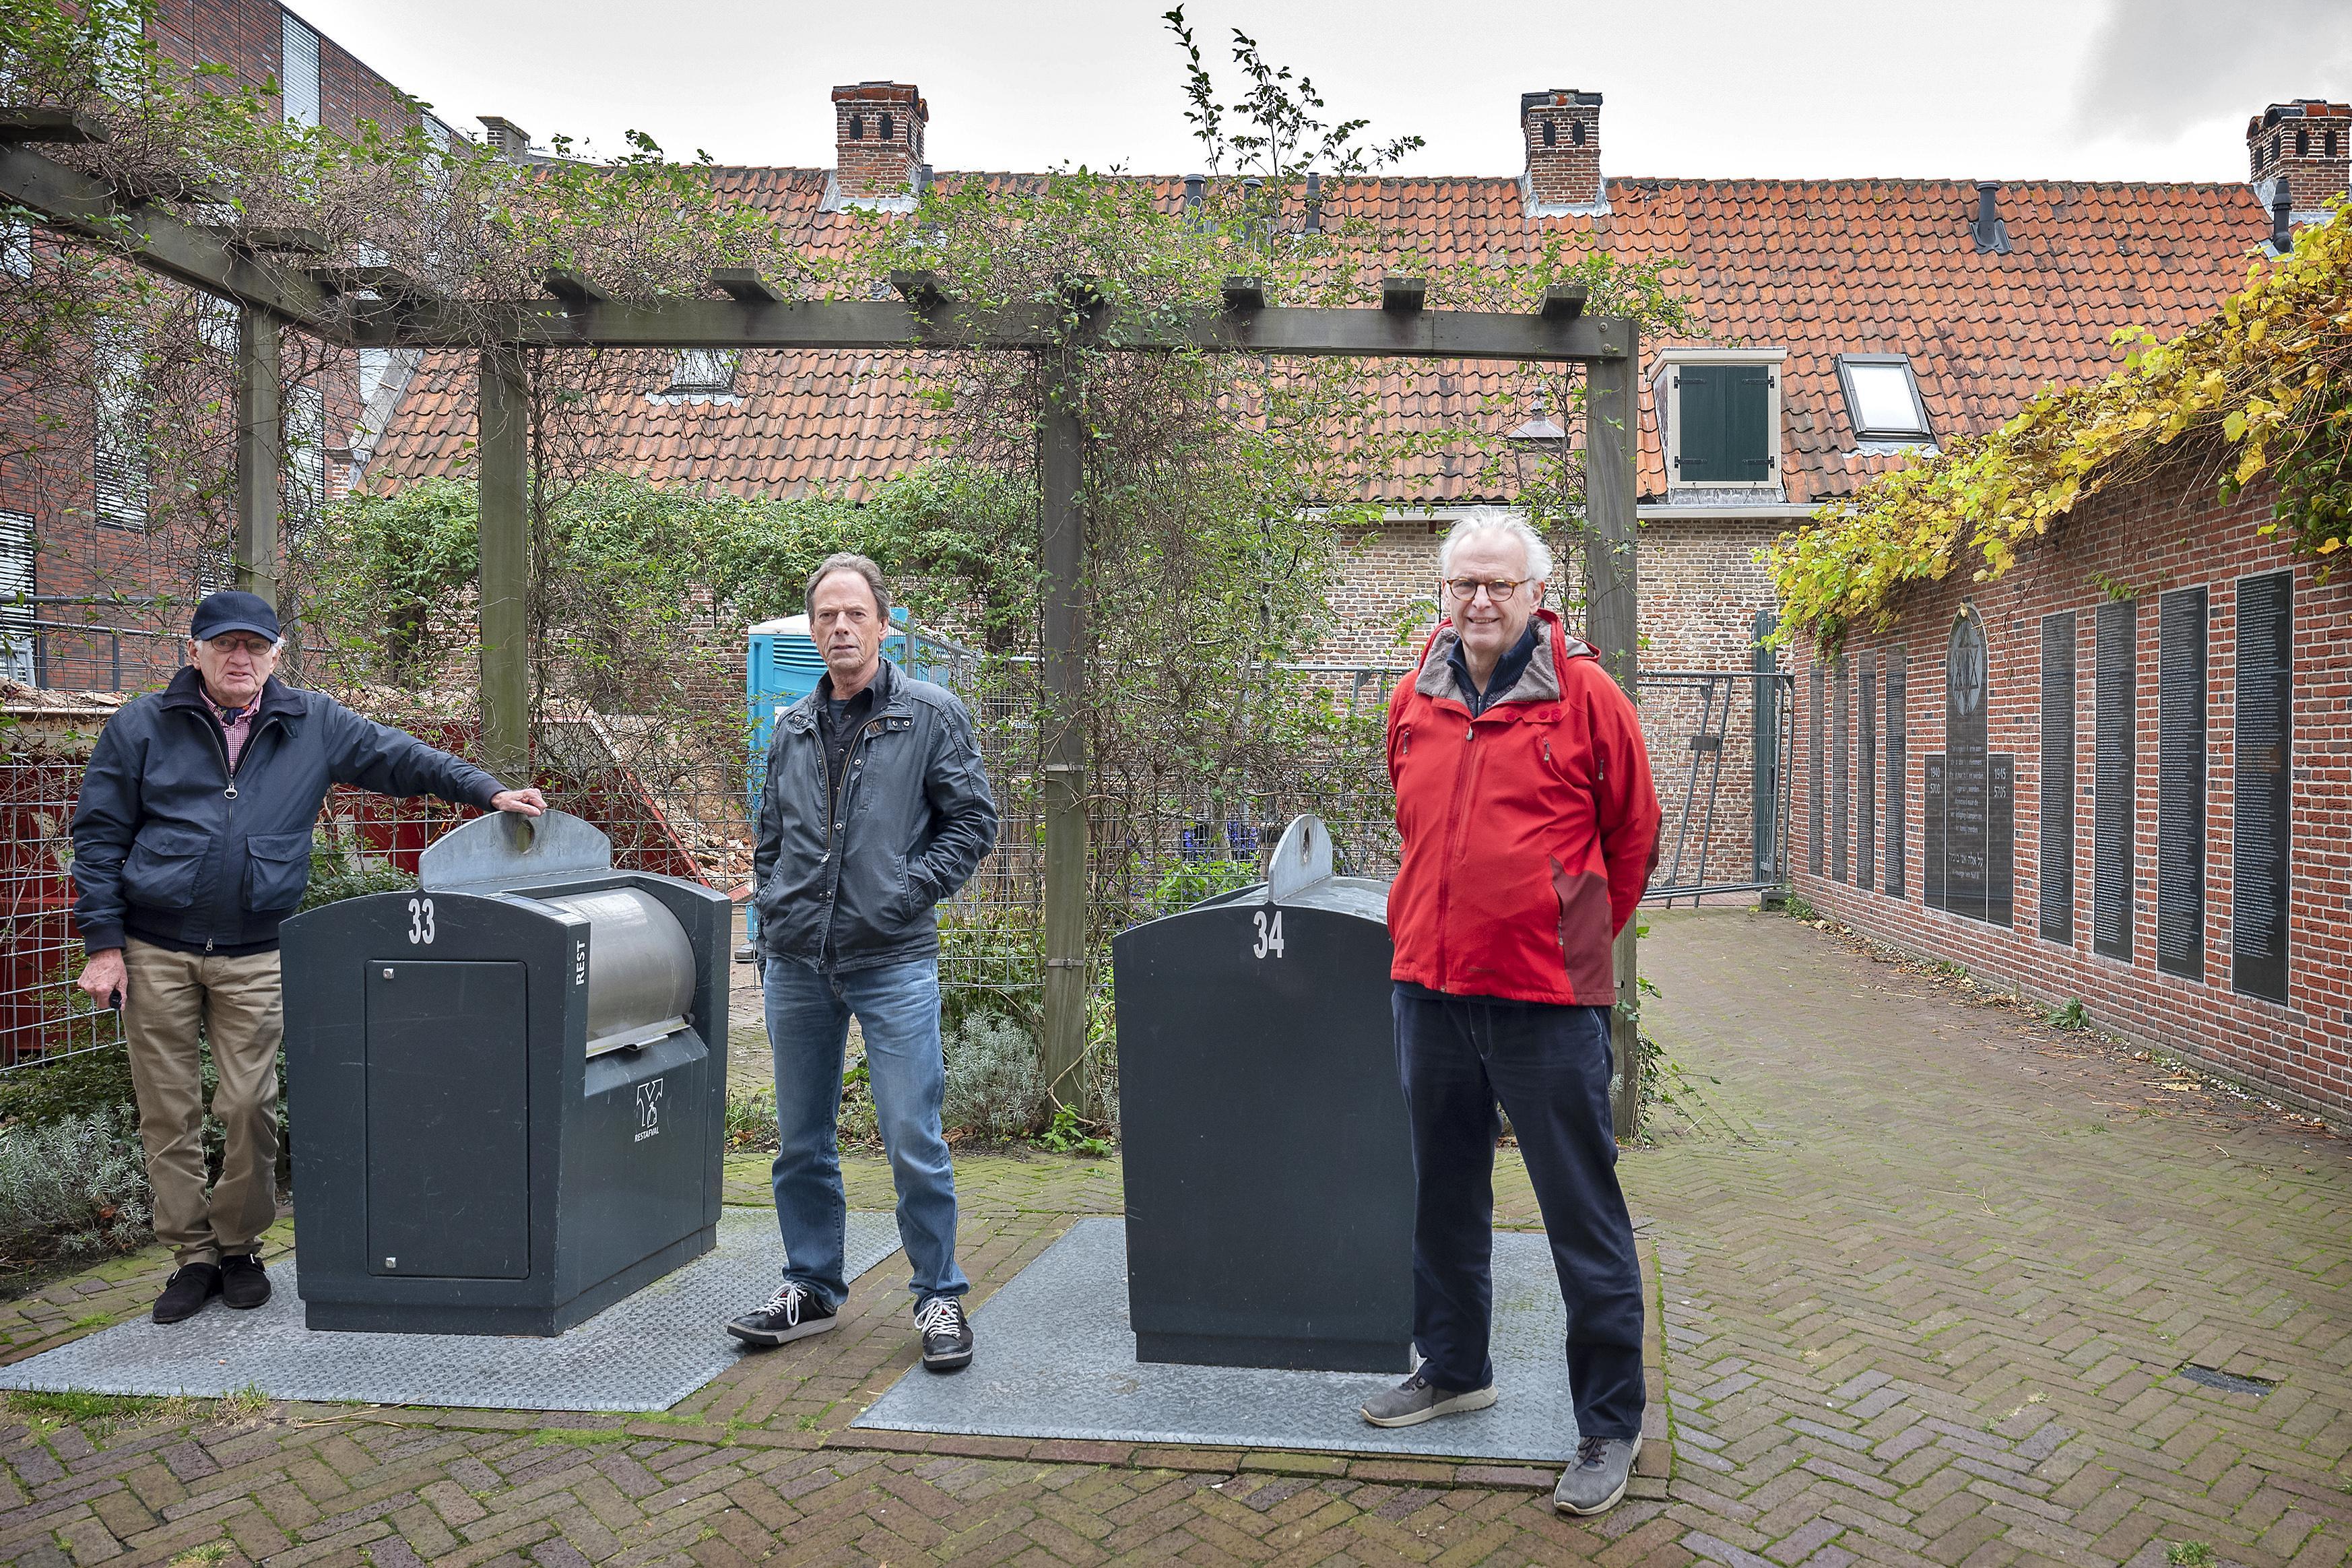 Haarlemse binnenstadbewoners strijden tegen komst extra vuilcontainers: 'We zijn gewoon afgescheept'